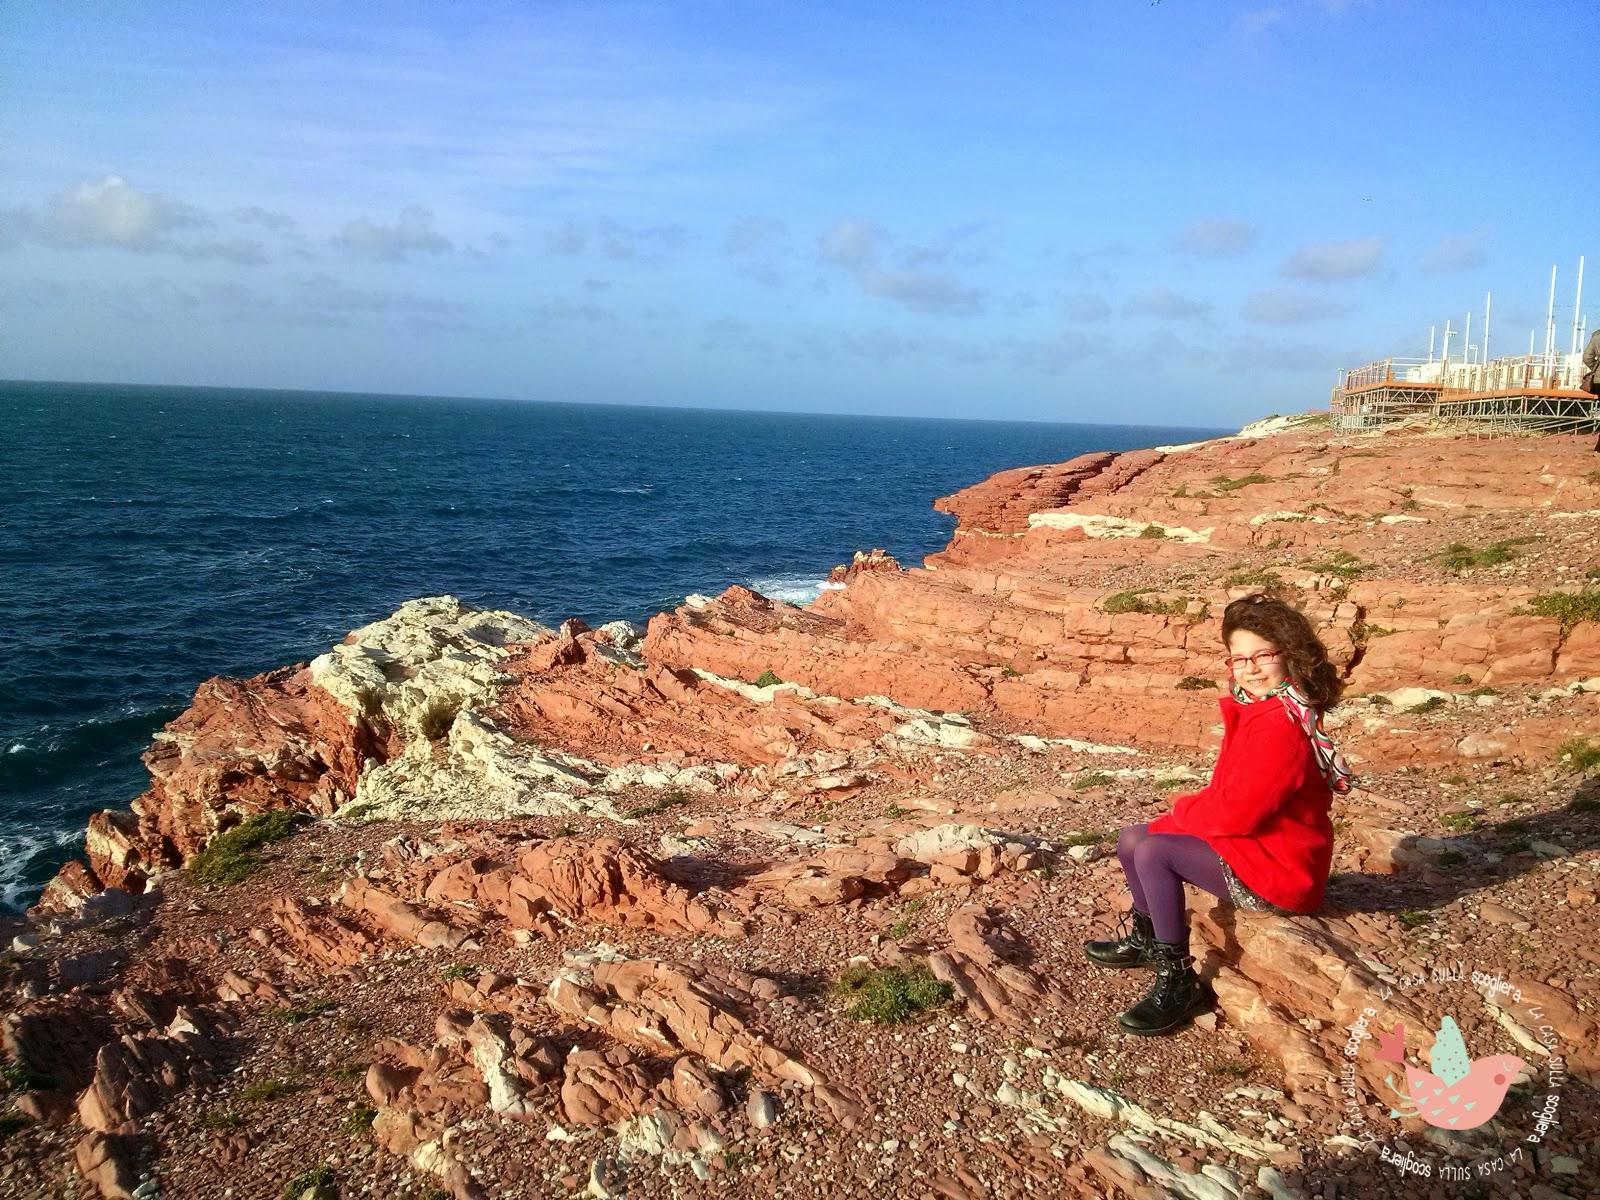 Lo splendido pomeriggio di scirocco e d'azzurro a Calarossa di Terrasini - Sicily